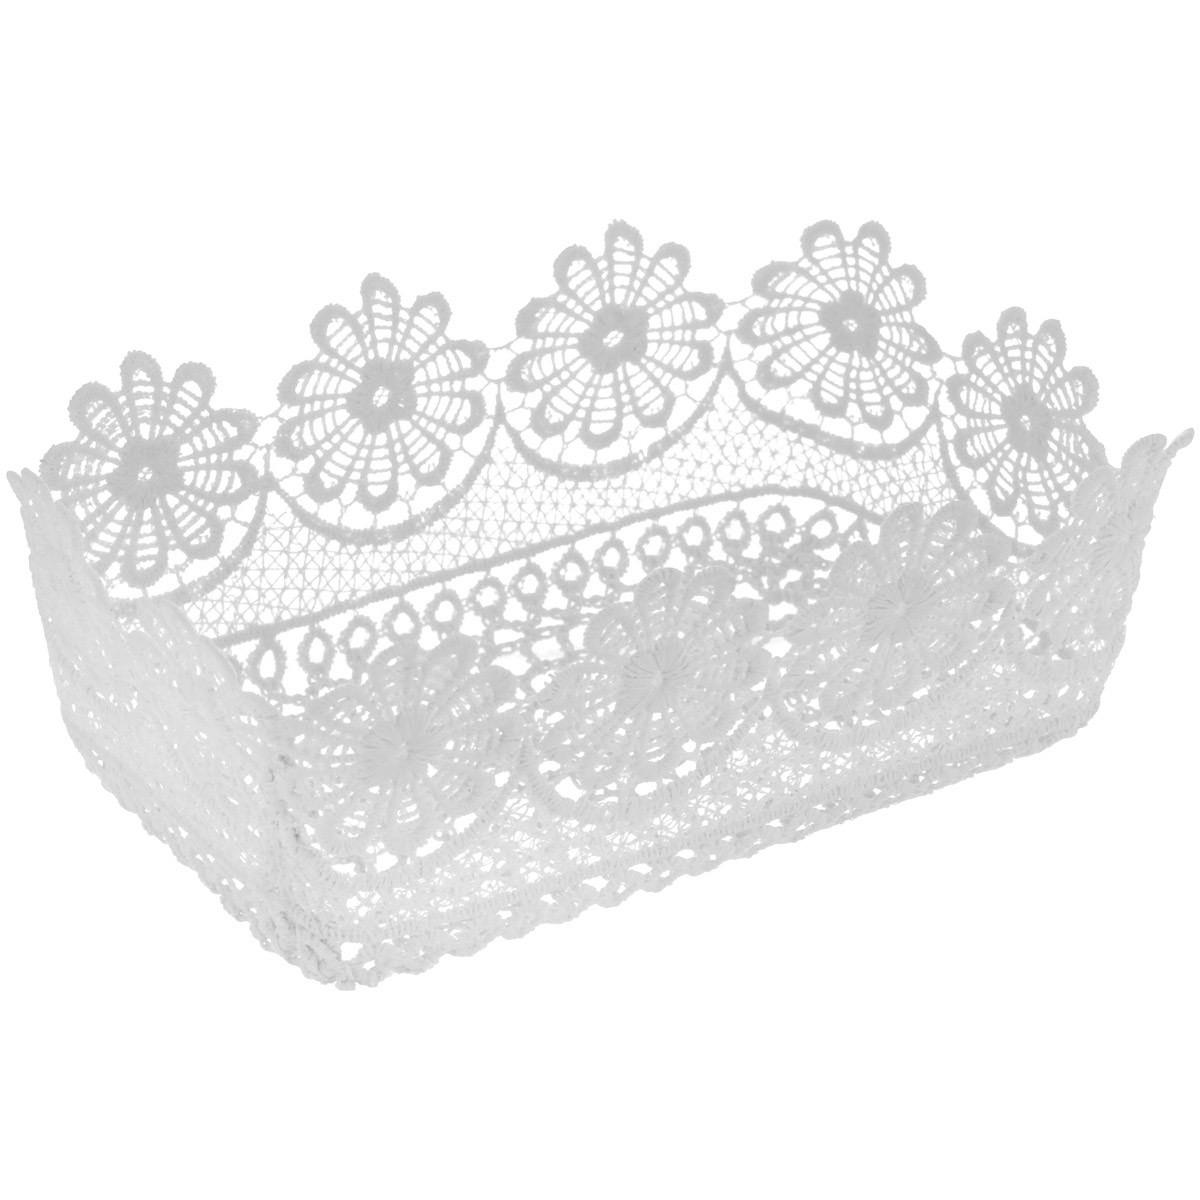 Корзинка Home Queen Ромашки, цвет: белый, 20,5 х 13 х 7,5 см64339_2Прямоугольная корзинка Home Queen Ромашки предназначена для украшения интерьера и сервировки стола. Изделие выполнено из полиэстера с красивым плетением в виде цветочных узоров, имеет жесткую форму. Такая оригинальная корзинка станет ярким украшением стола. Идеальный вариант для хранения пасхальных яиц, хлеба или конфет.